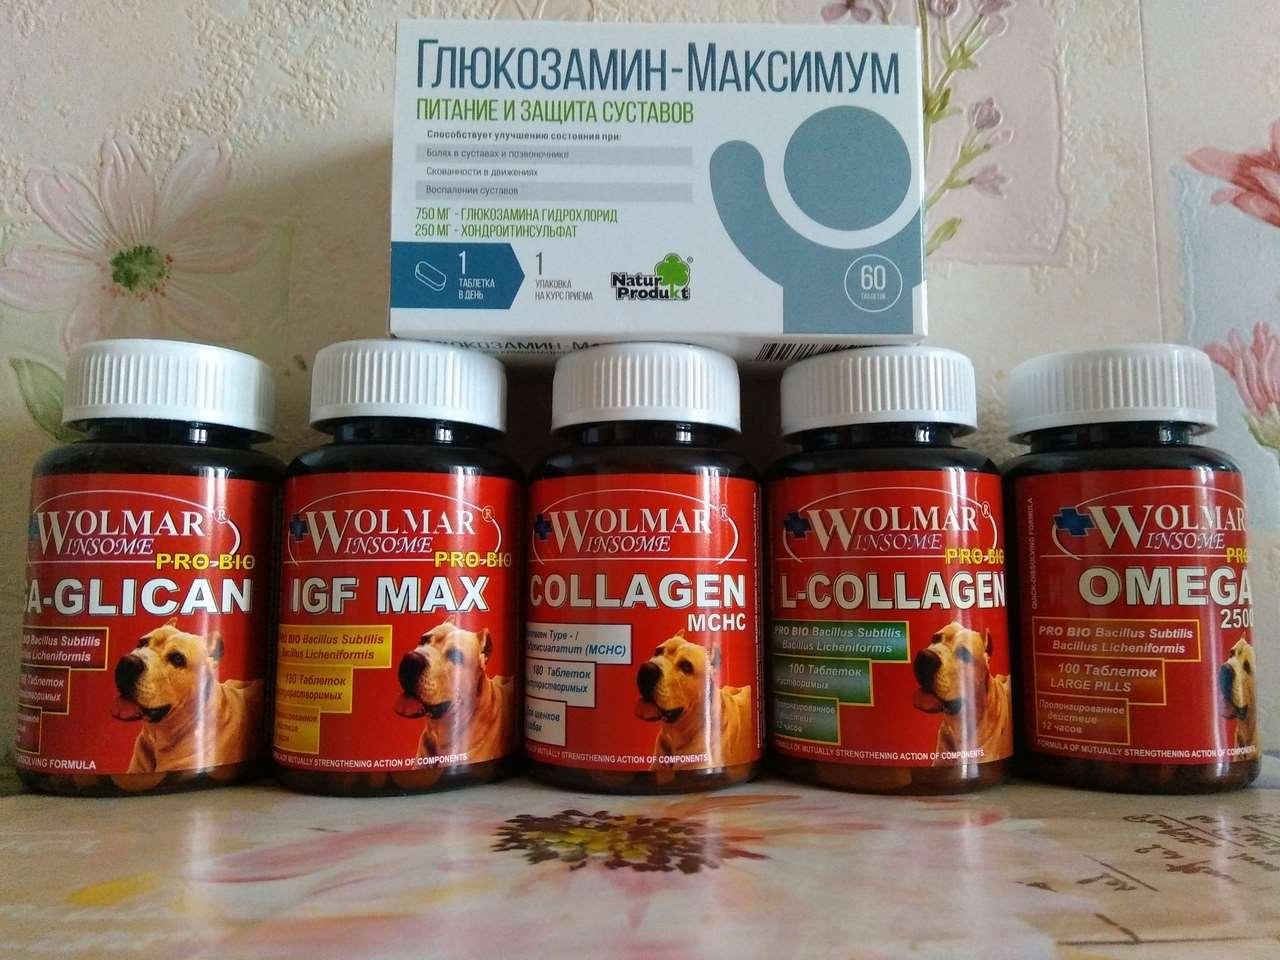 витамины для мелких собак Wolmar Winsome Pro Bio Booster Ca Mini